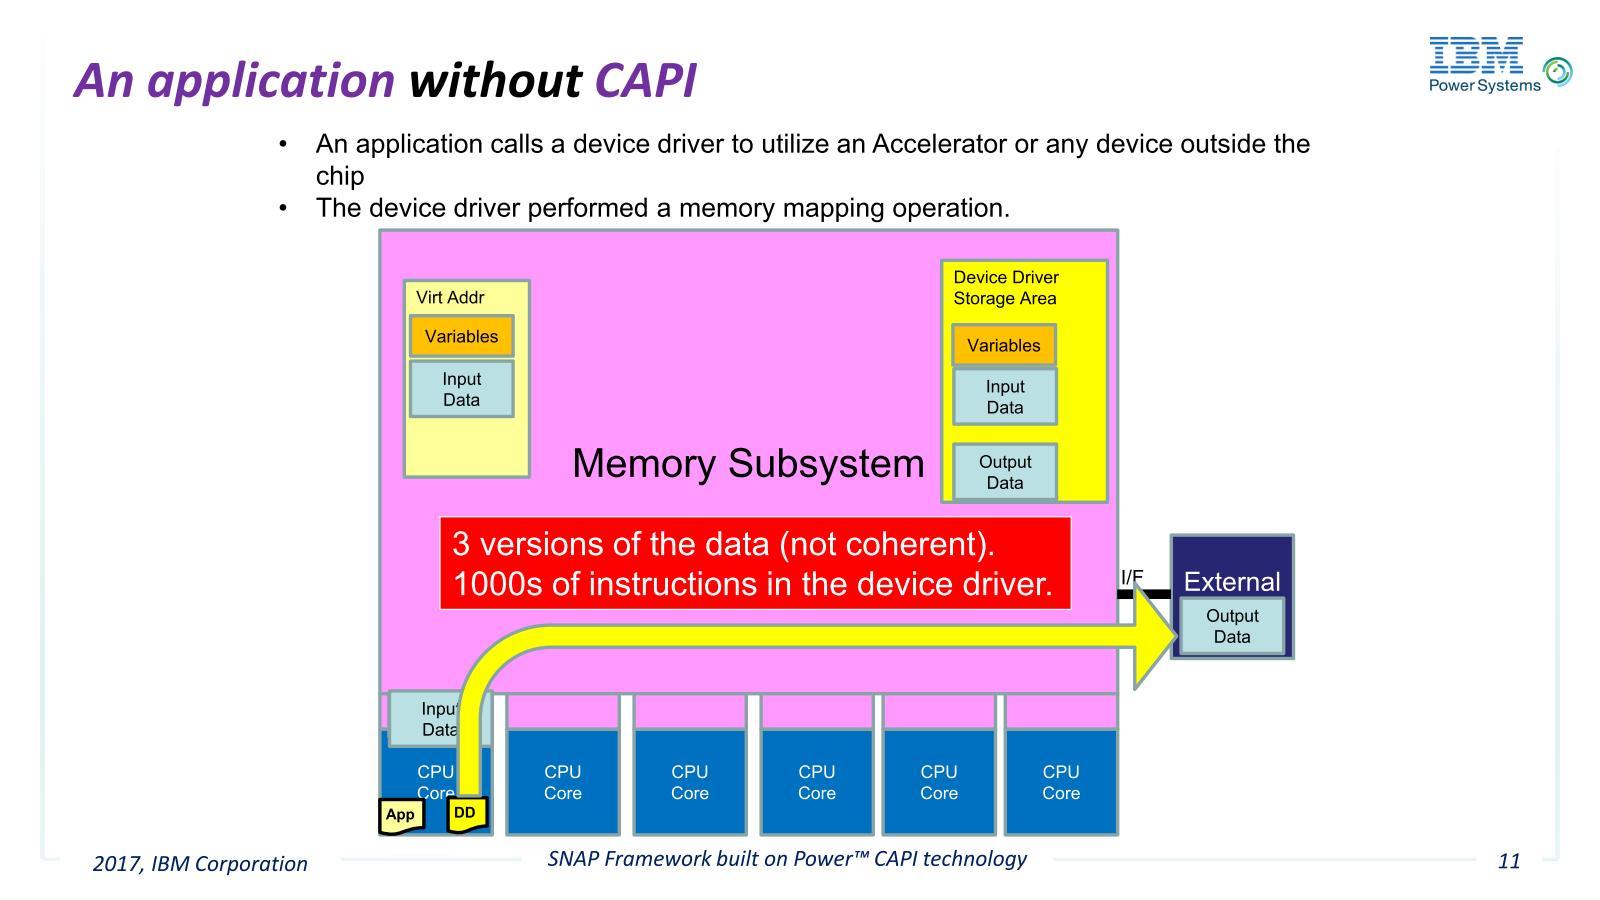 アプリケーションからは、まずデバイスドライバー経由で外部デバイス(GPU/FPGA)のメモリがマッピングされているアドレスを取得し、そこへメモリコピーを行う必要がある。この処理のうちデバイスドライバーだけでおよそ1000命令を消費する